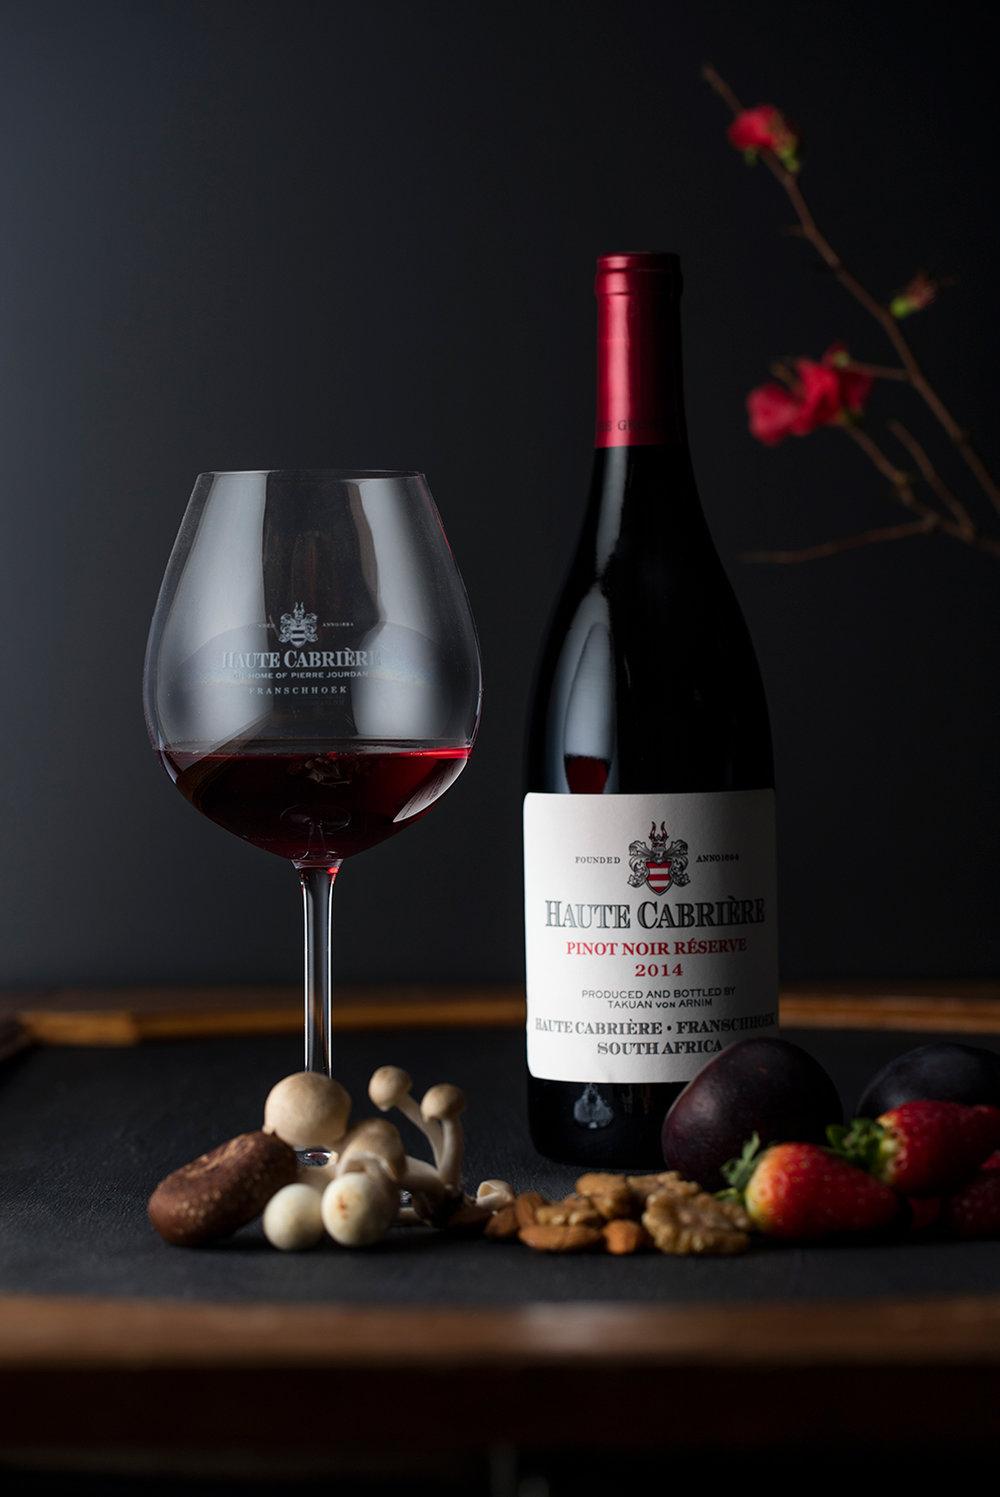 Haute Cabriere Pinot Noir Reserve 2014_03 - Copy - Copy.jpg